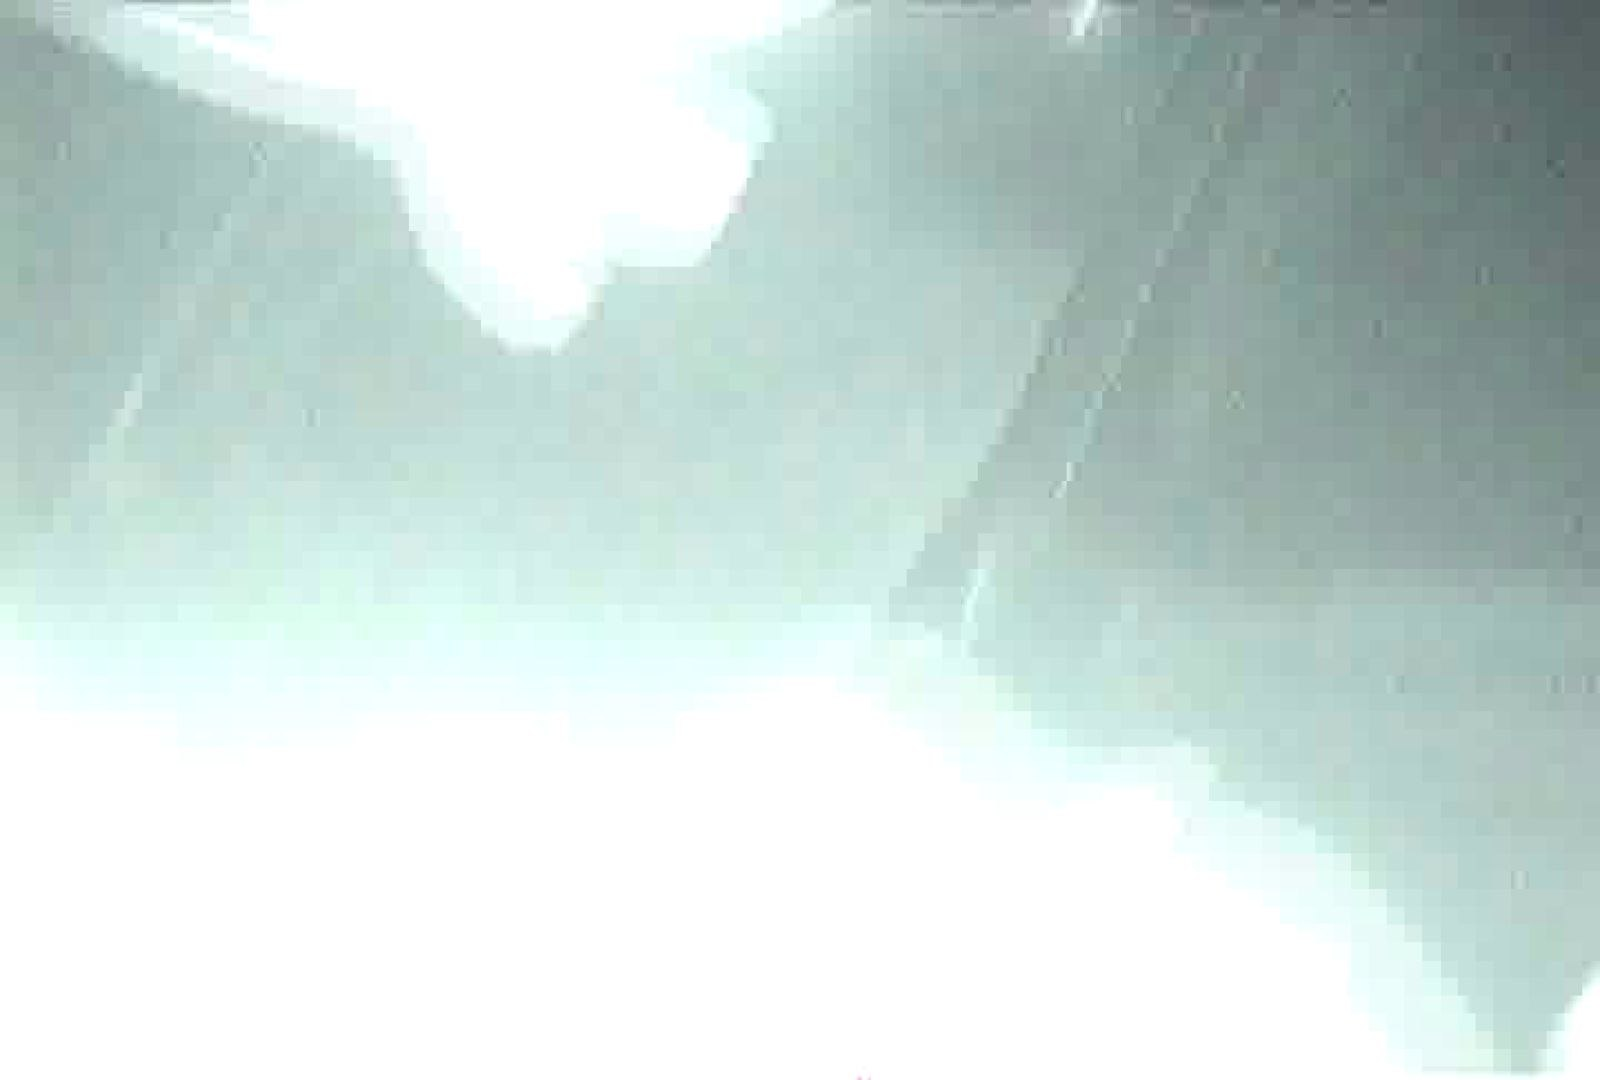 充血監督の深夜の運動会Vol.62 エロいOL オマンコ動画キャプチャ 31枚